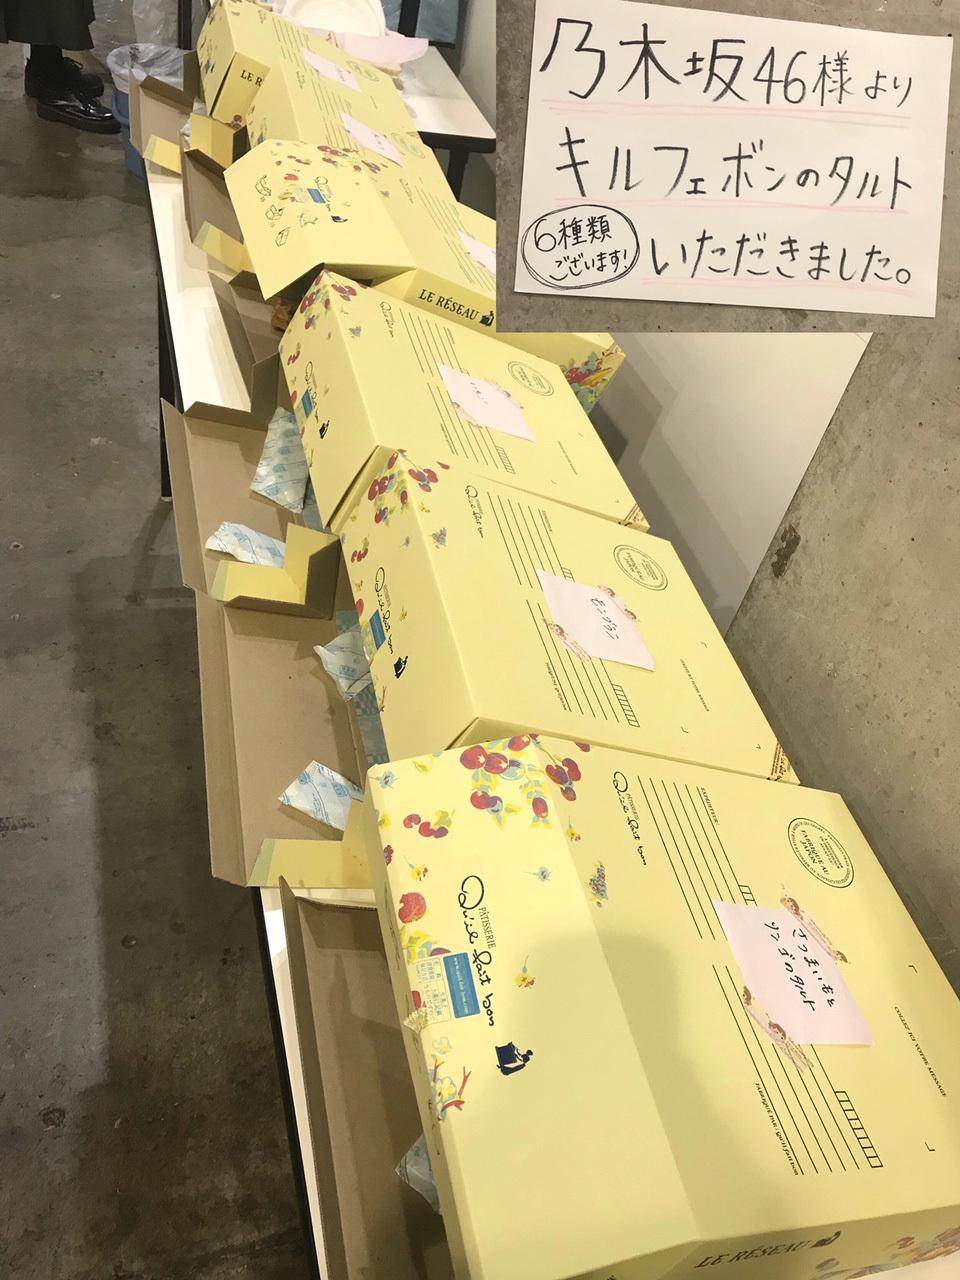 乃木坂46からキルフェボンのタルトの差し入れ 松田好花